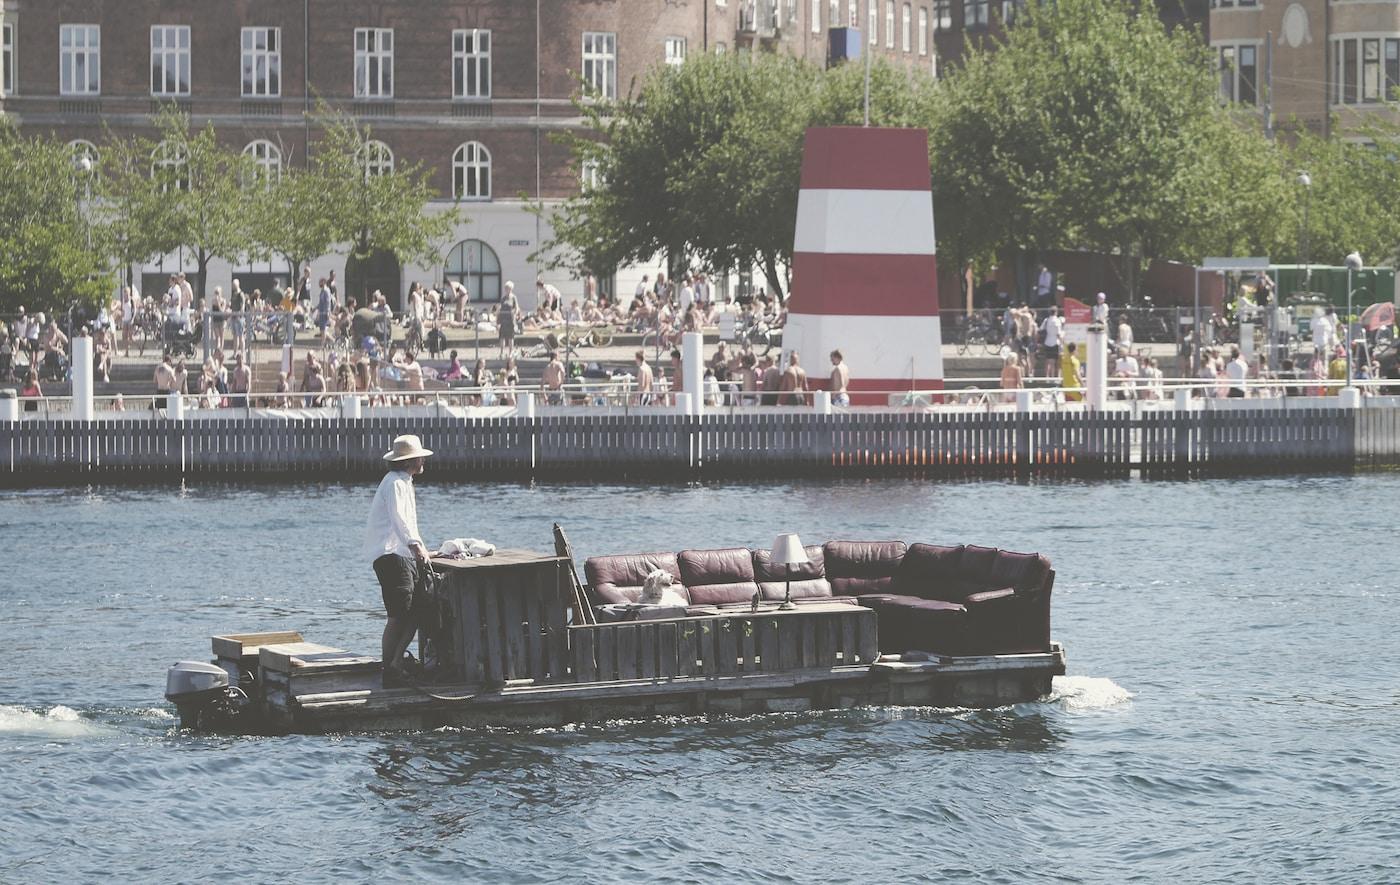 Egy férfi egy nagy kanapén egy folyónál, emberekkel, házakkal és fákkal a parton.